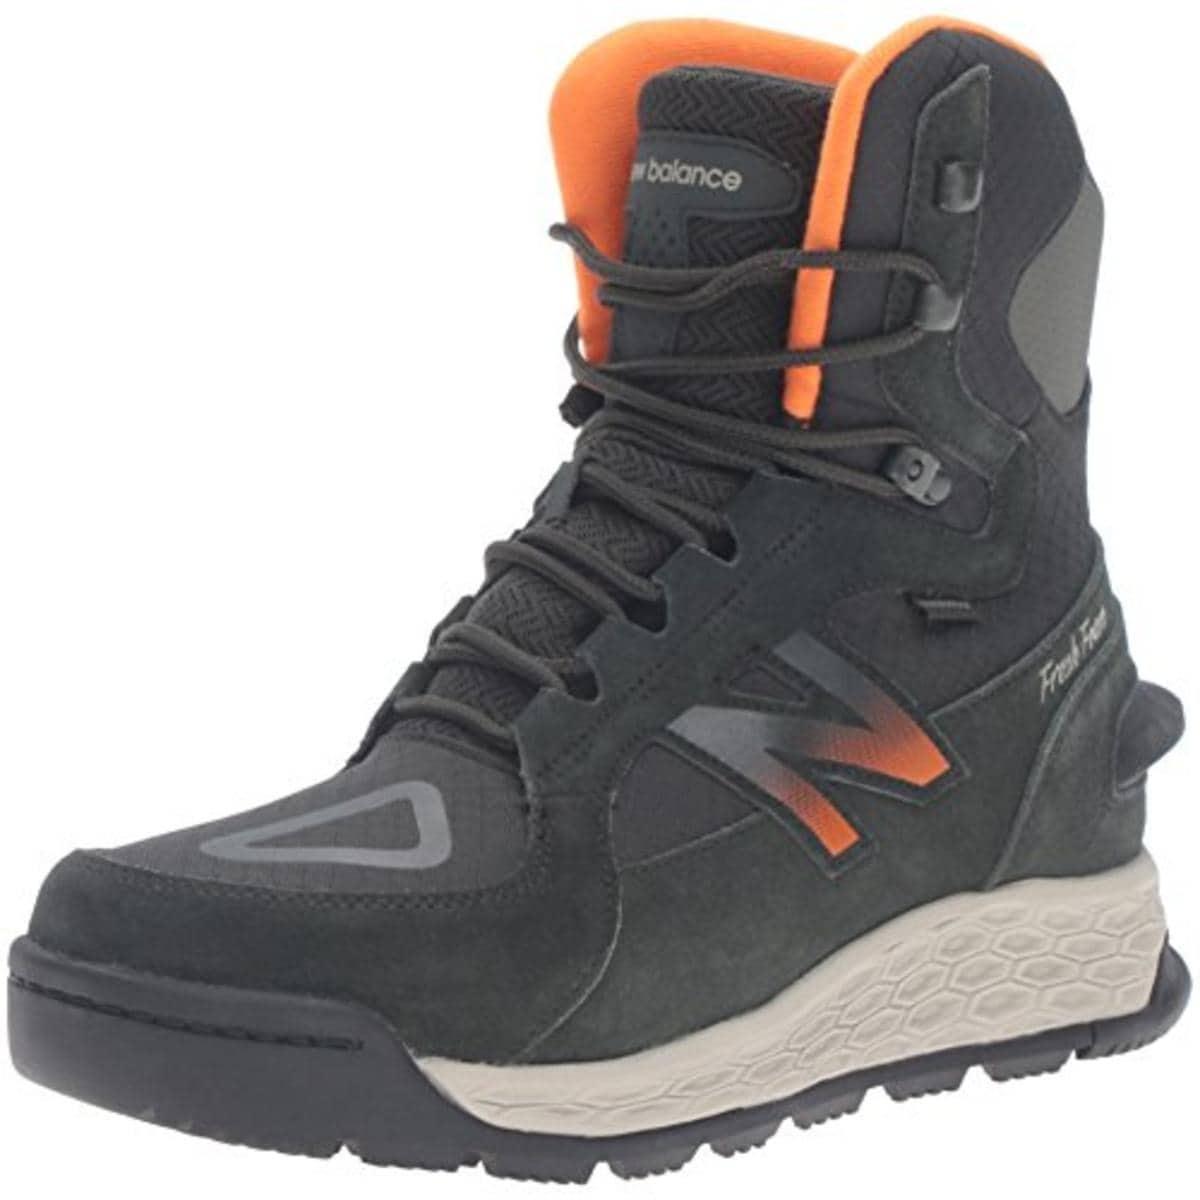 e2f3e3e5276 New Balance Mens Fresh Foam 1000 Winter Boots Waterproof Insulated - 10.5  medium (d)